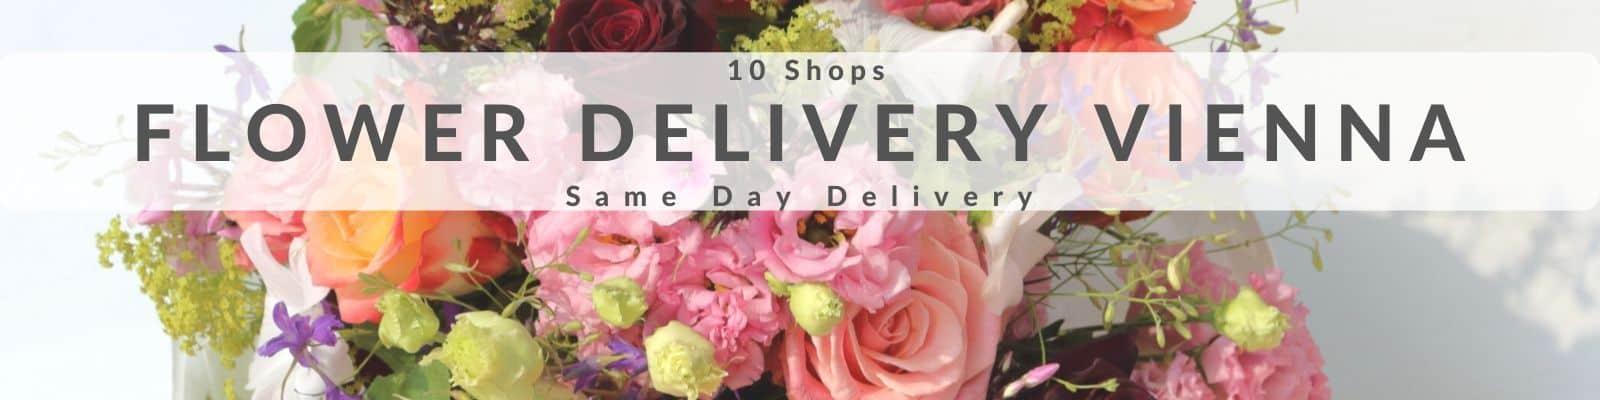 Flower Delivery Vienna - Send Flowers to Vienna